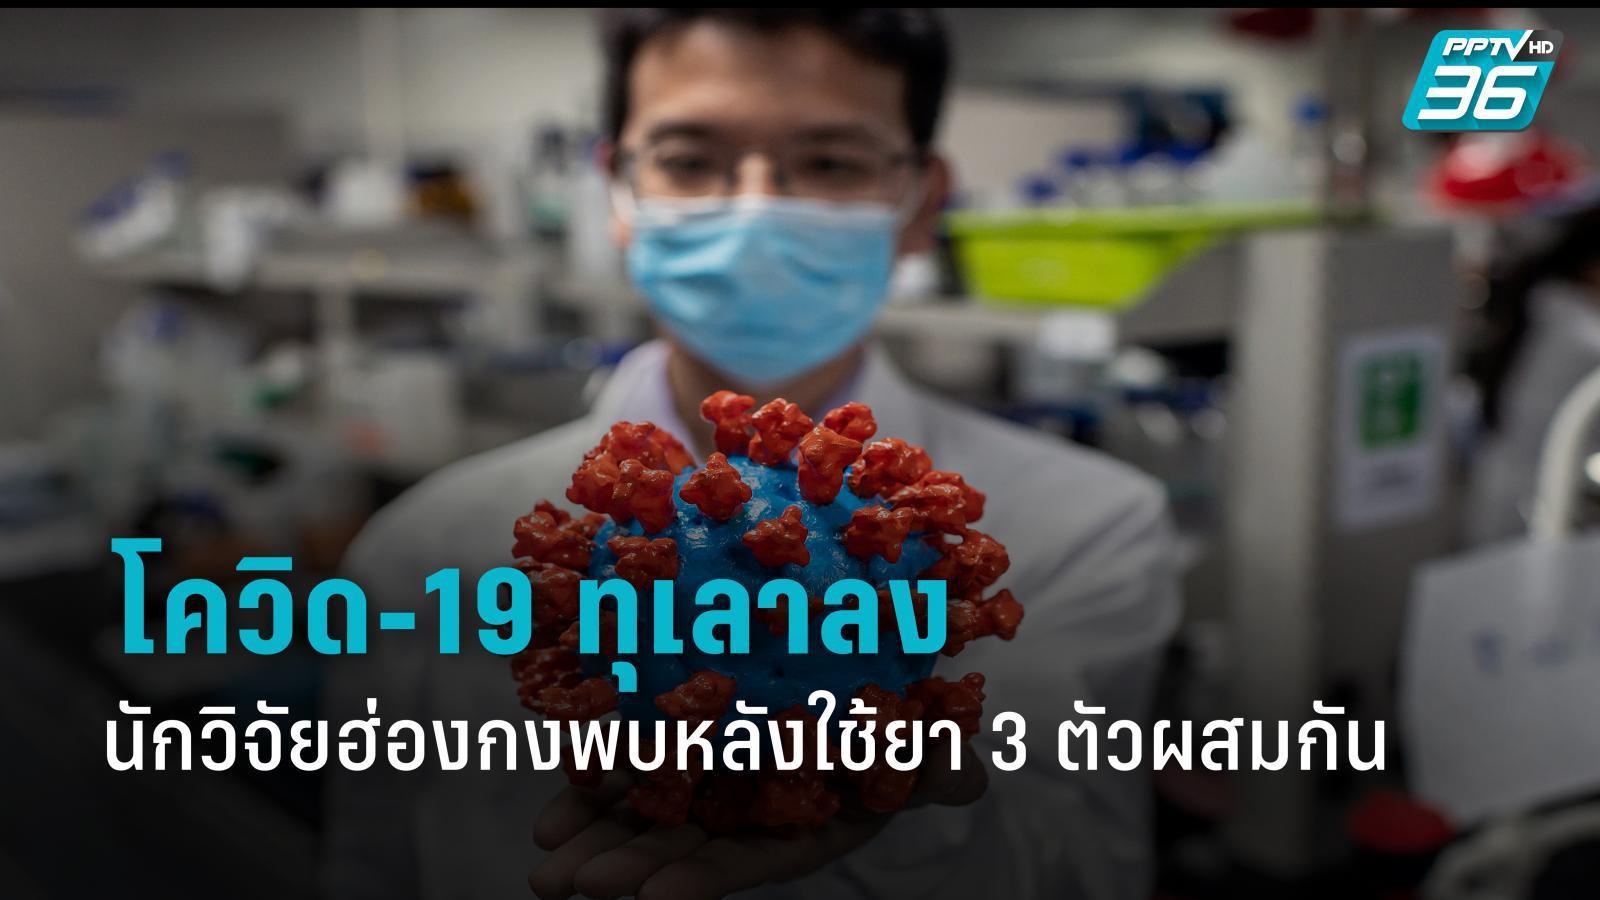 นักวิจัยฮ่องกงพบ ผู้ป่วย โควิด-19 อาการทุเลาหลังให้ยาผสมกัน 3 ตัว